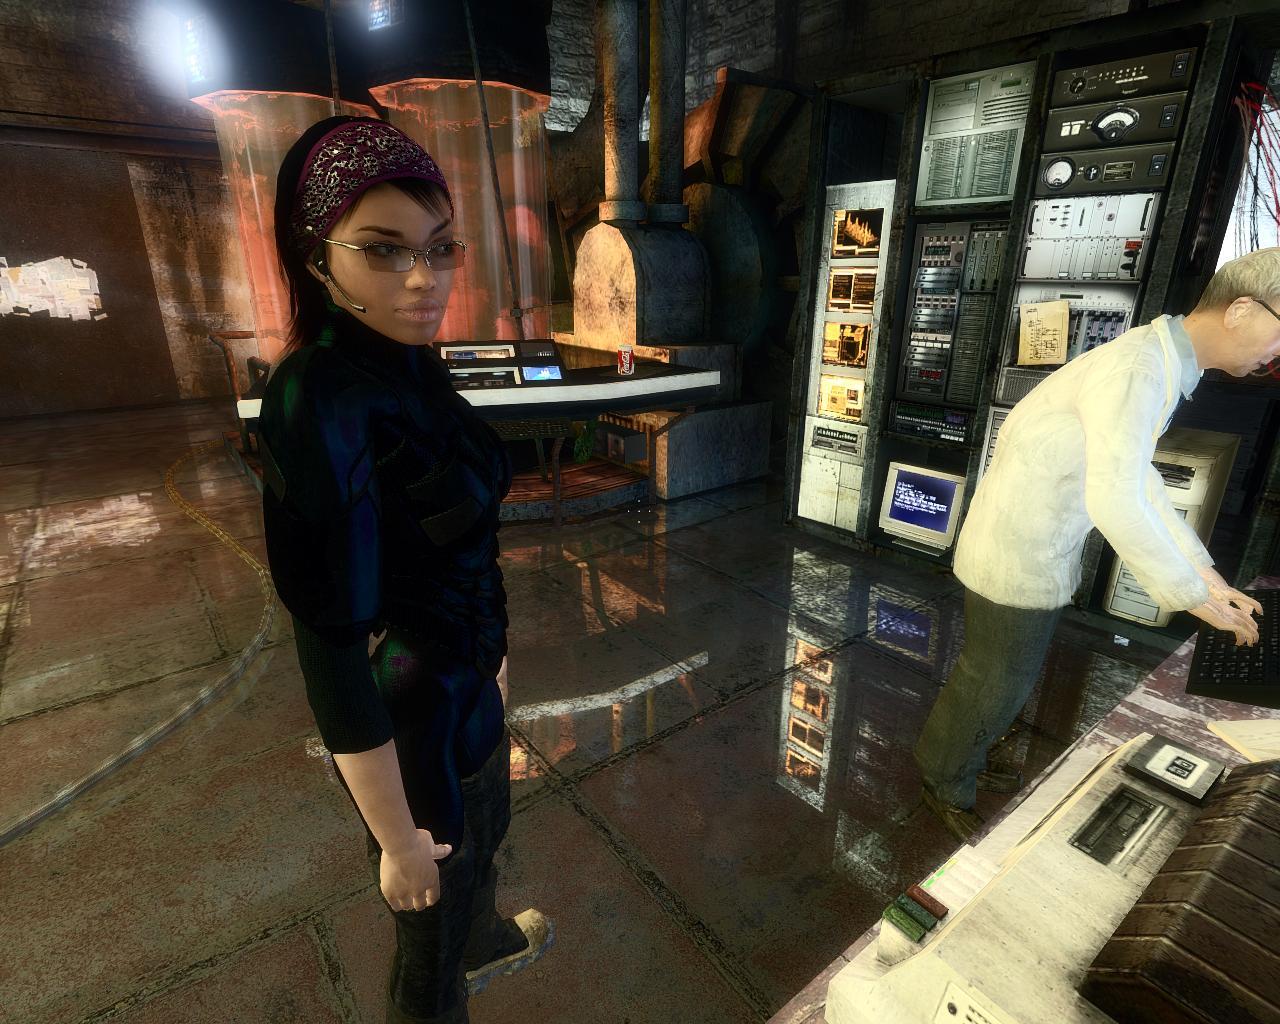 hl2 2013-03-17 08-31-48-50.jpg - Half-Life 2 FakeFactory Cinematic Mod V12.21